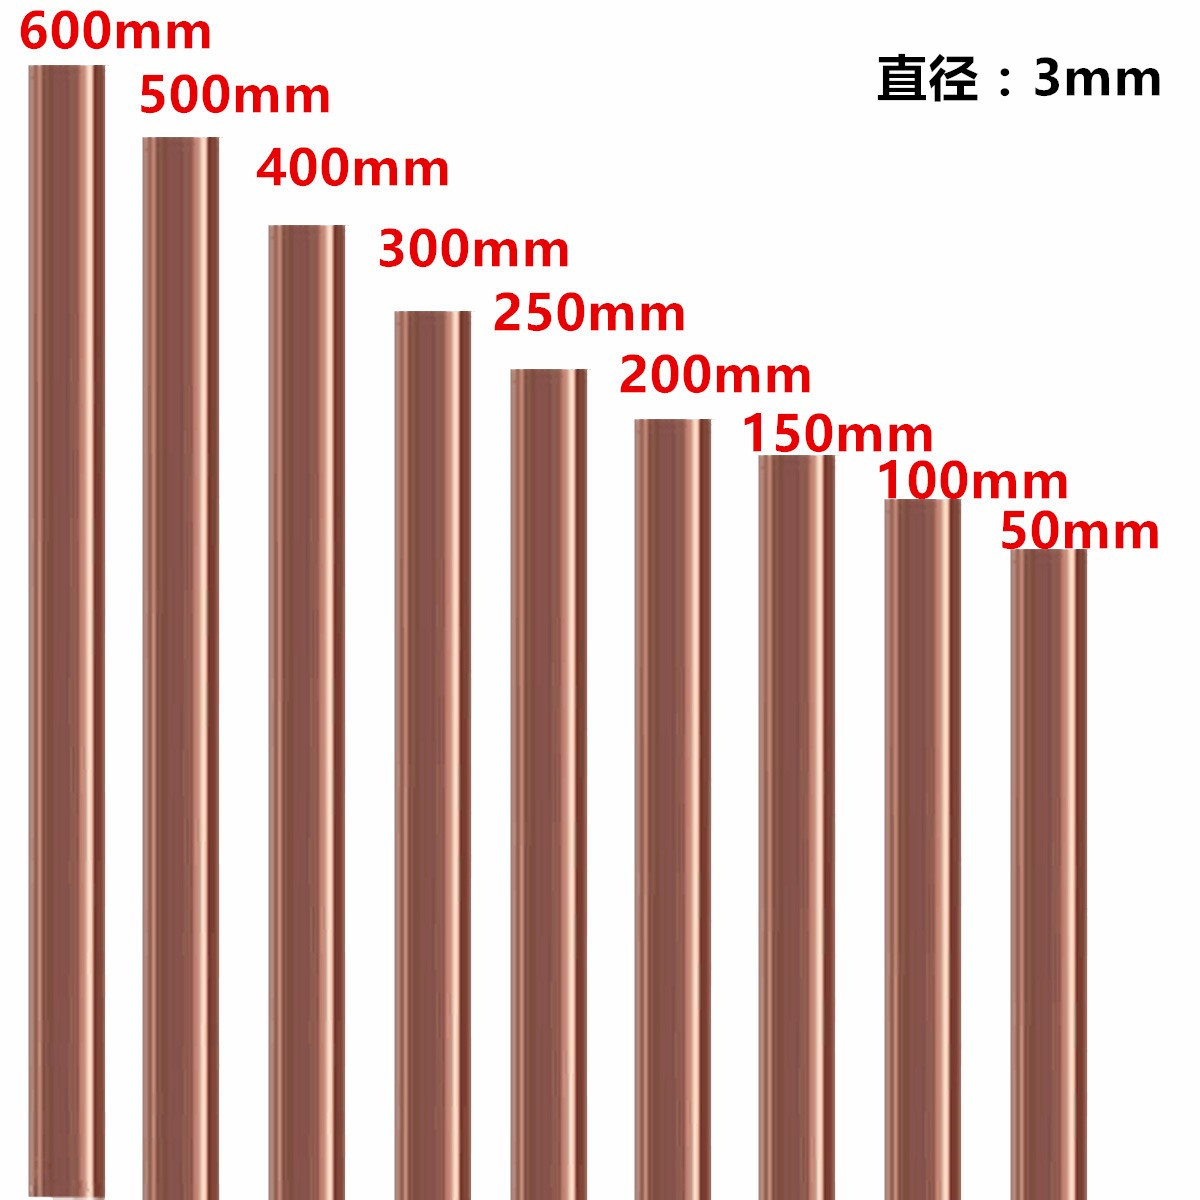 3 мм Диаметр медный круглый стержень фрезерный сварочный металлообрабатывающий 50-500 мм длина